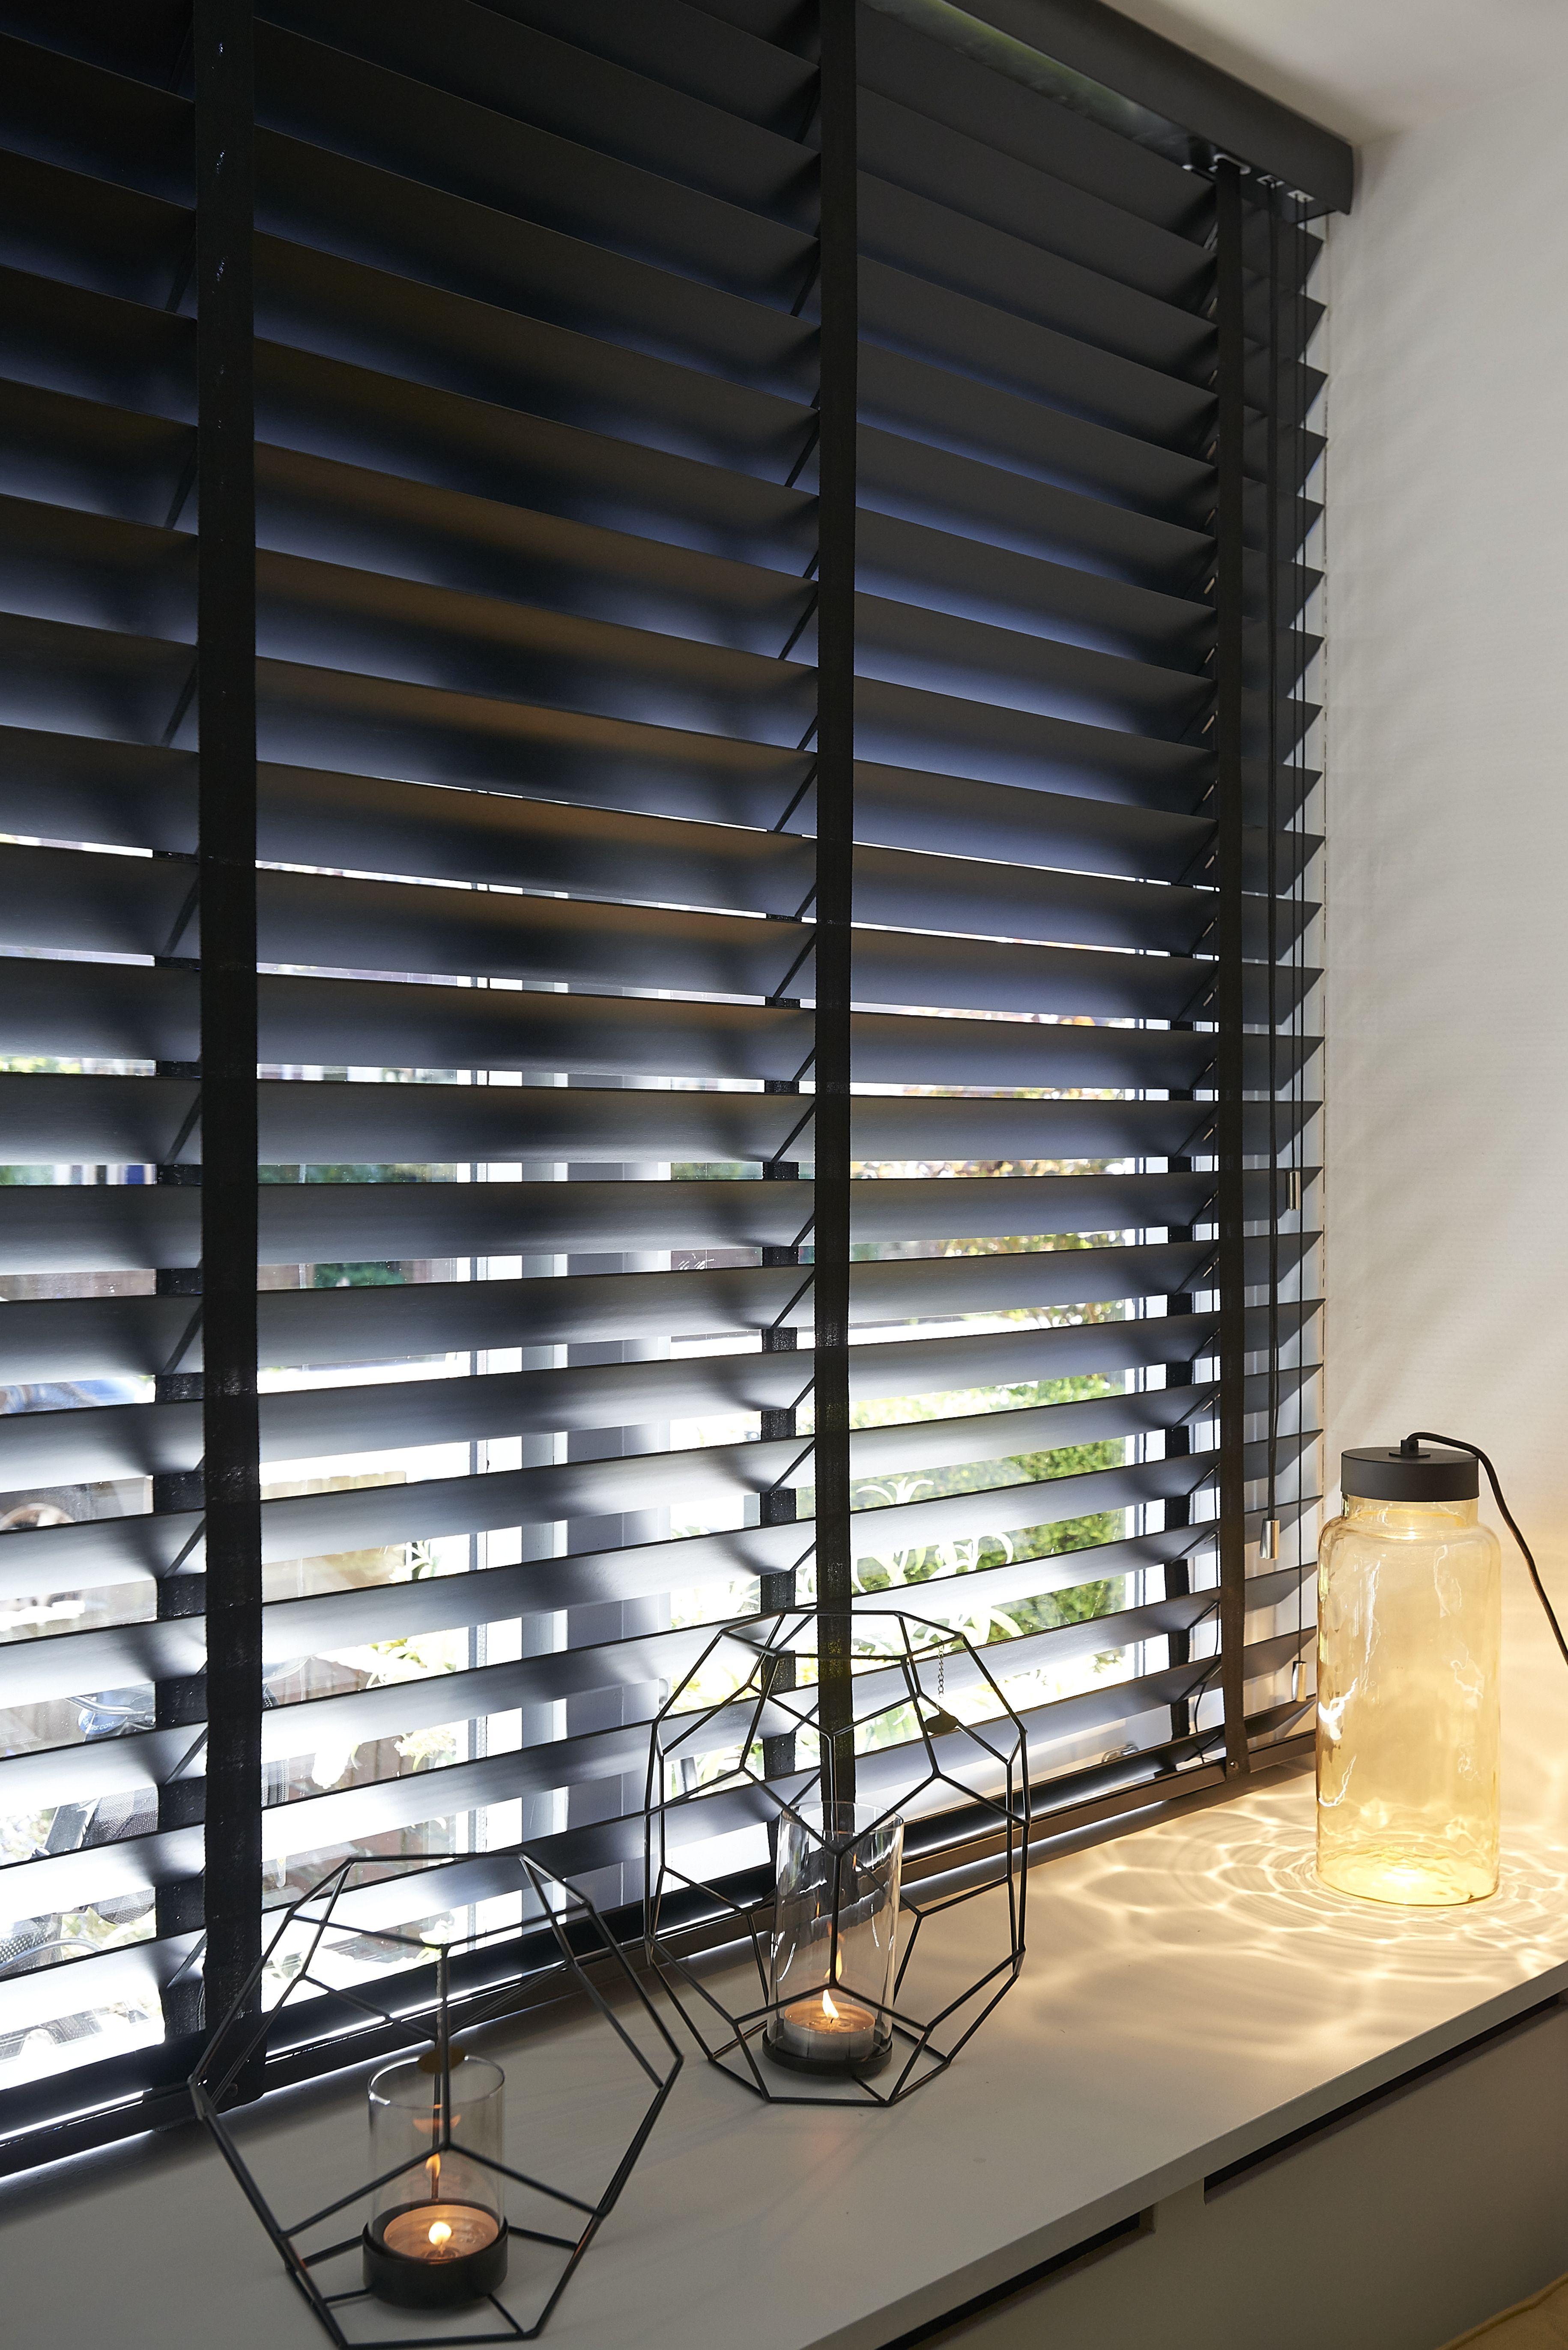 Wenge houten jaloezieën 50 mm met donkere ladderband. Uitgekozen door stylist James van der Velden voor RTL Woonmagazine. Stijlvolle raamdecoratie op maat voor de woonkamer.